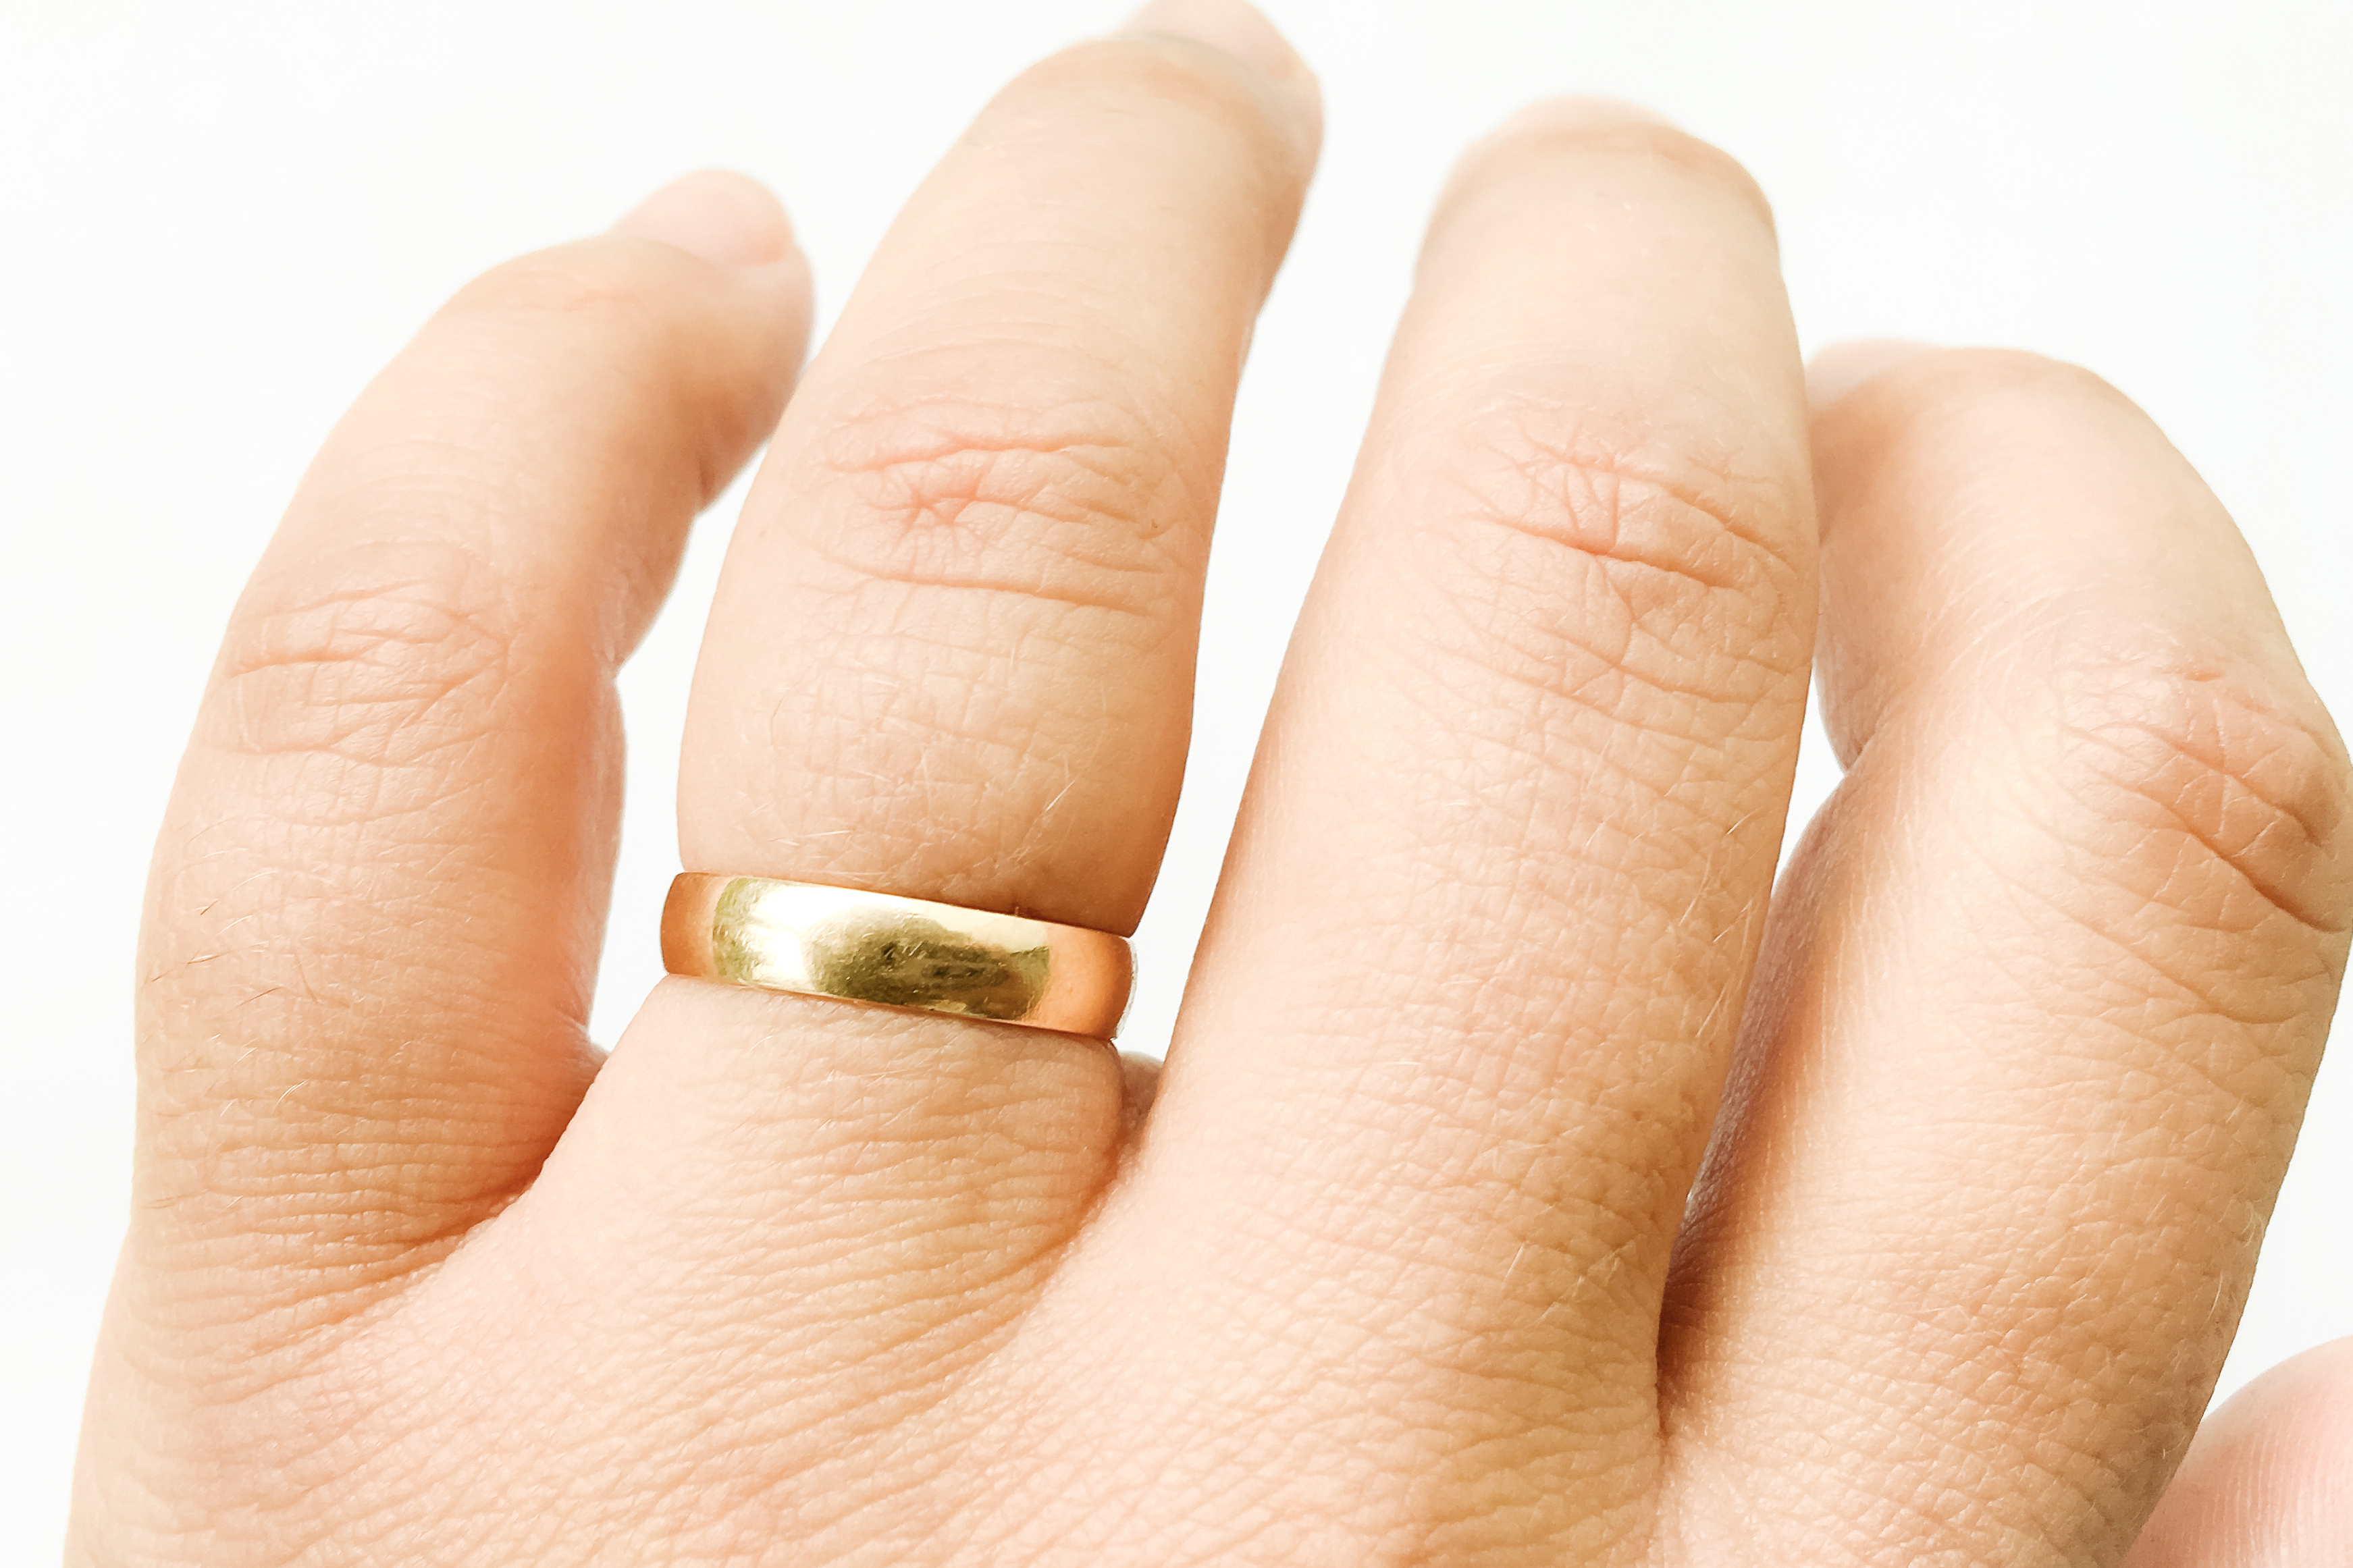 fáj a gyűrű ujja)